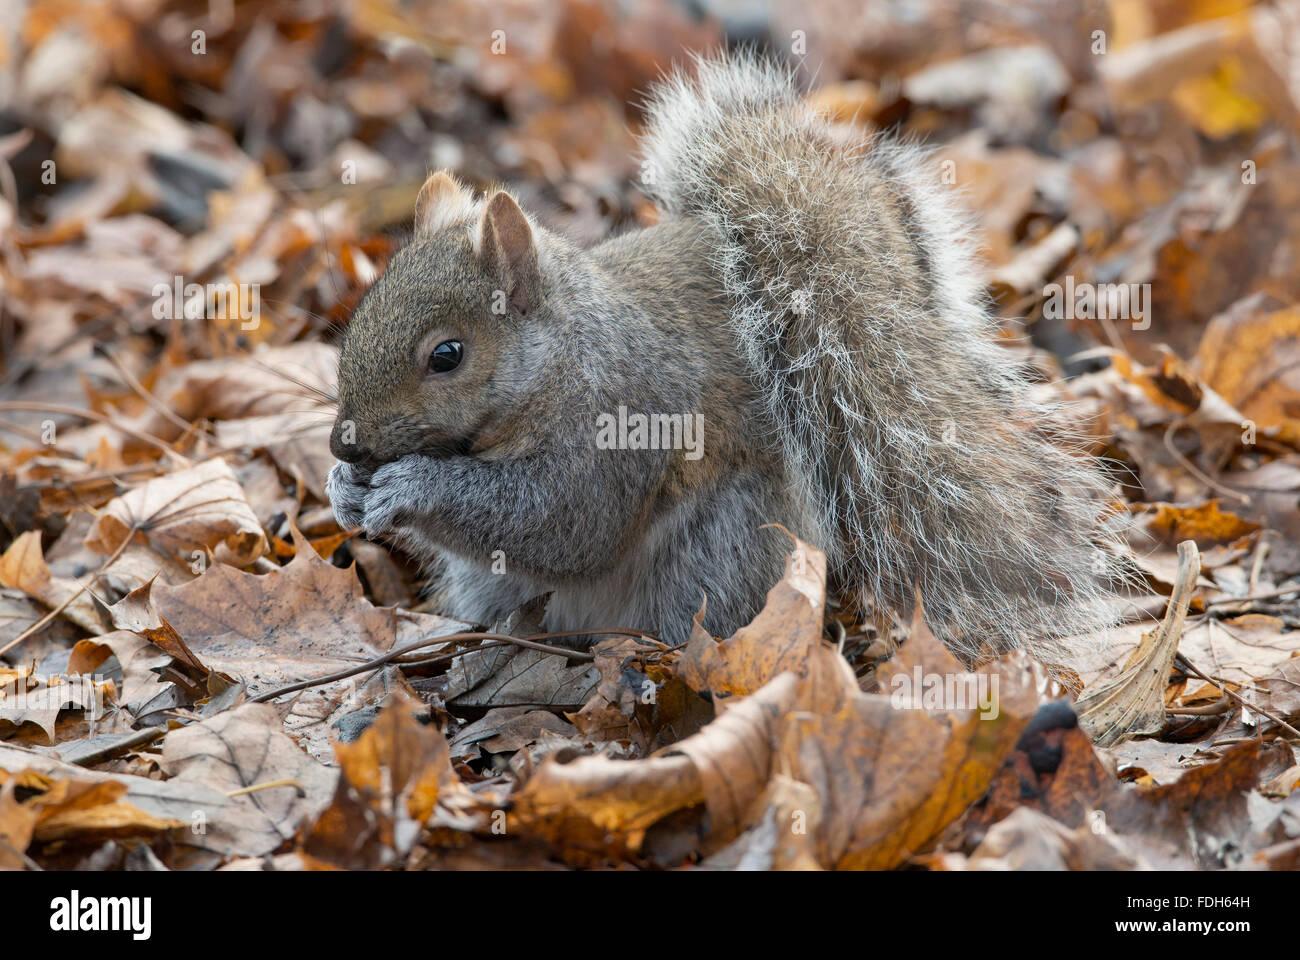 L'Écureuil gris (Sciurus carolinensis) sur le sol de la forêt, manger des noix, Automne, E Amérique Photo Stock